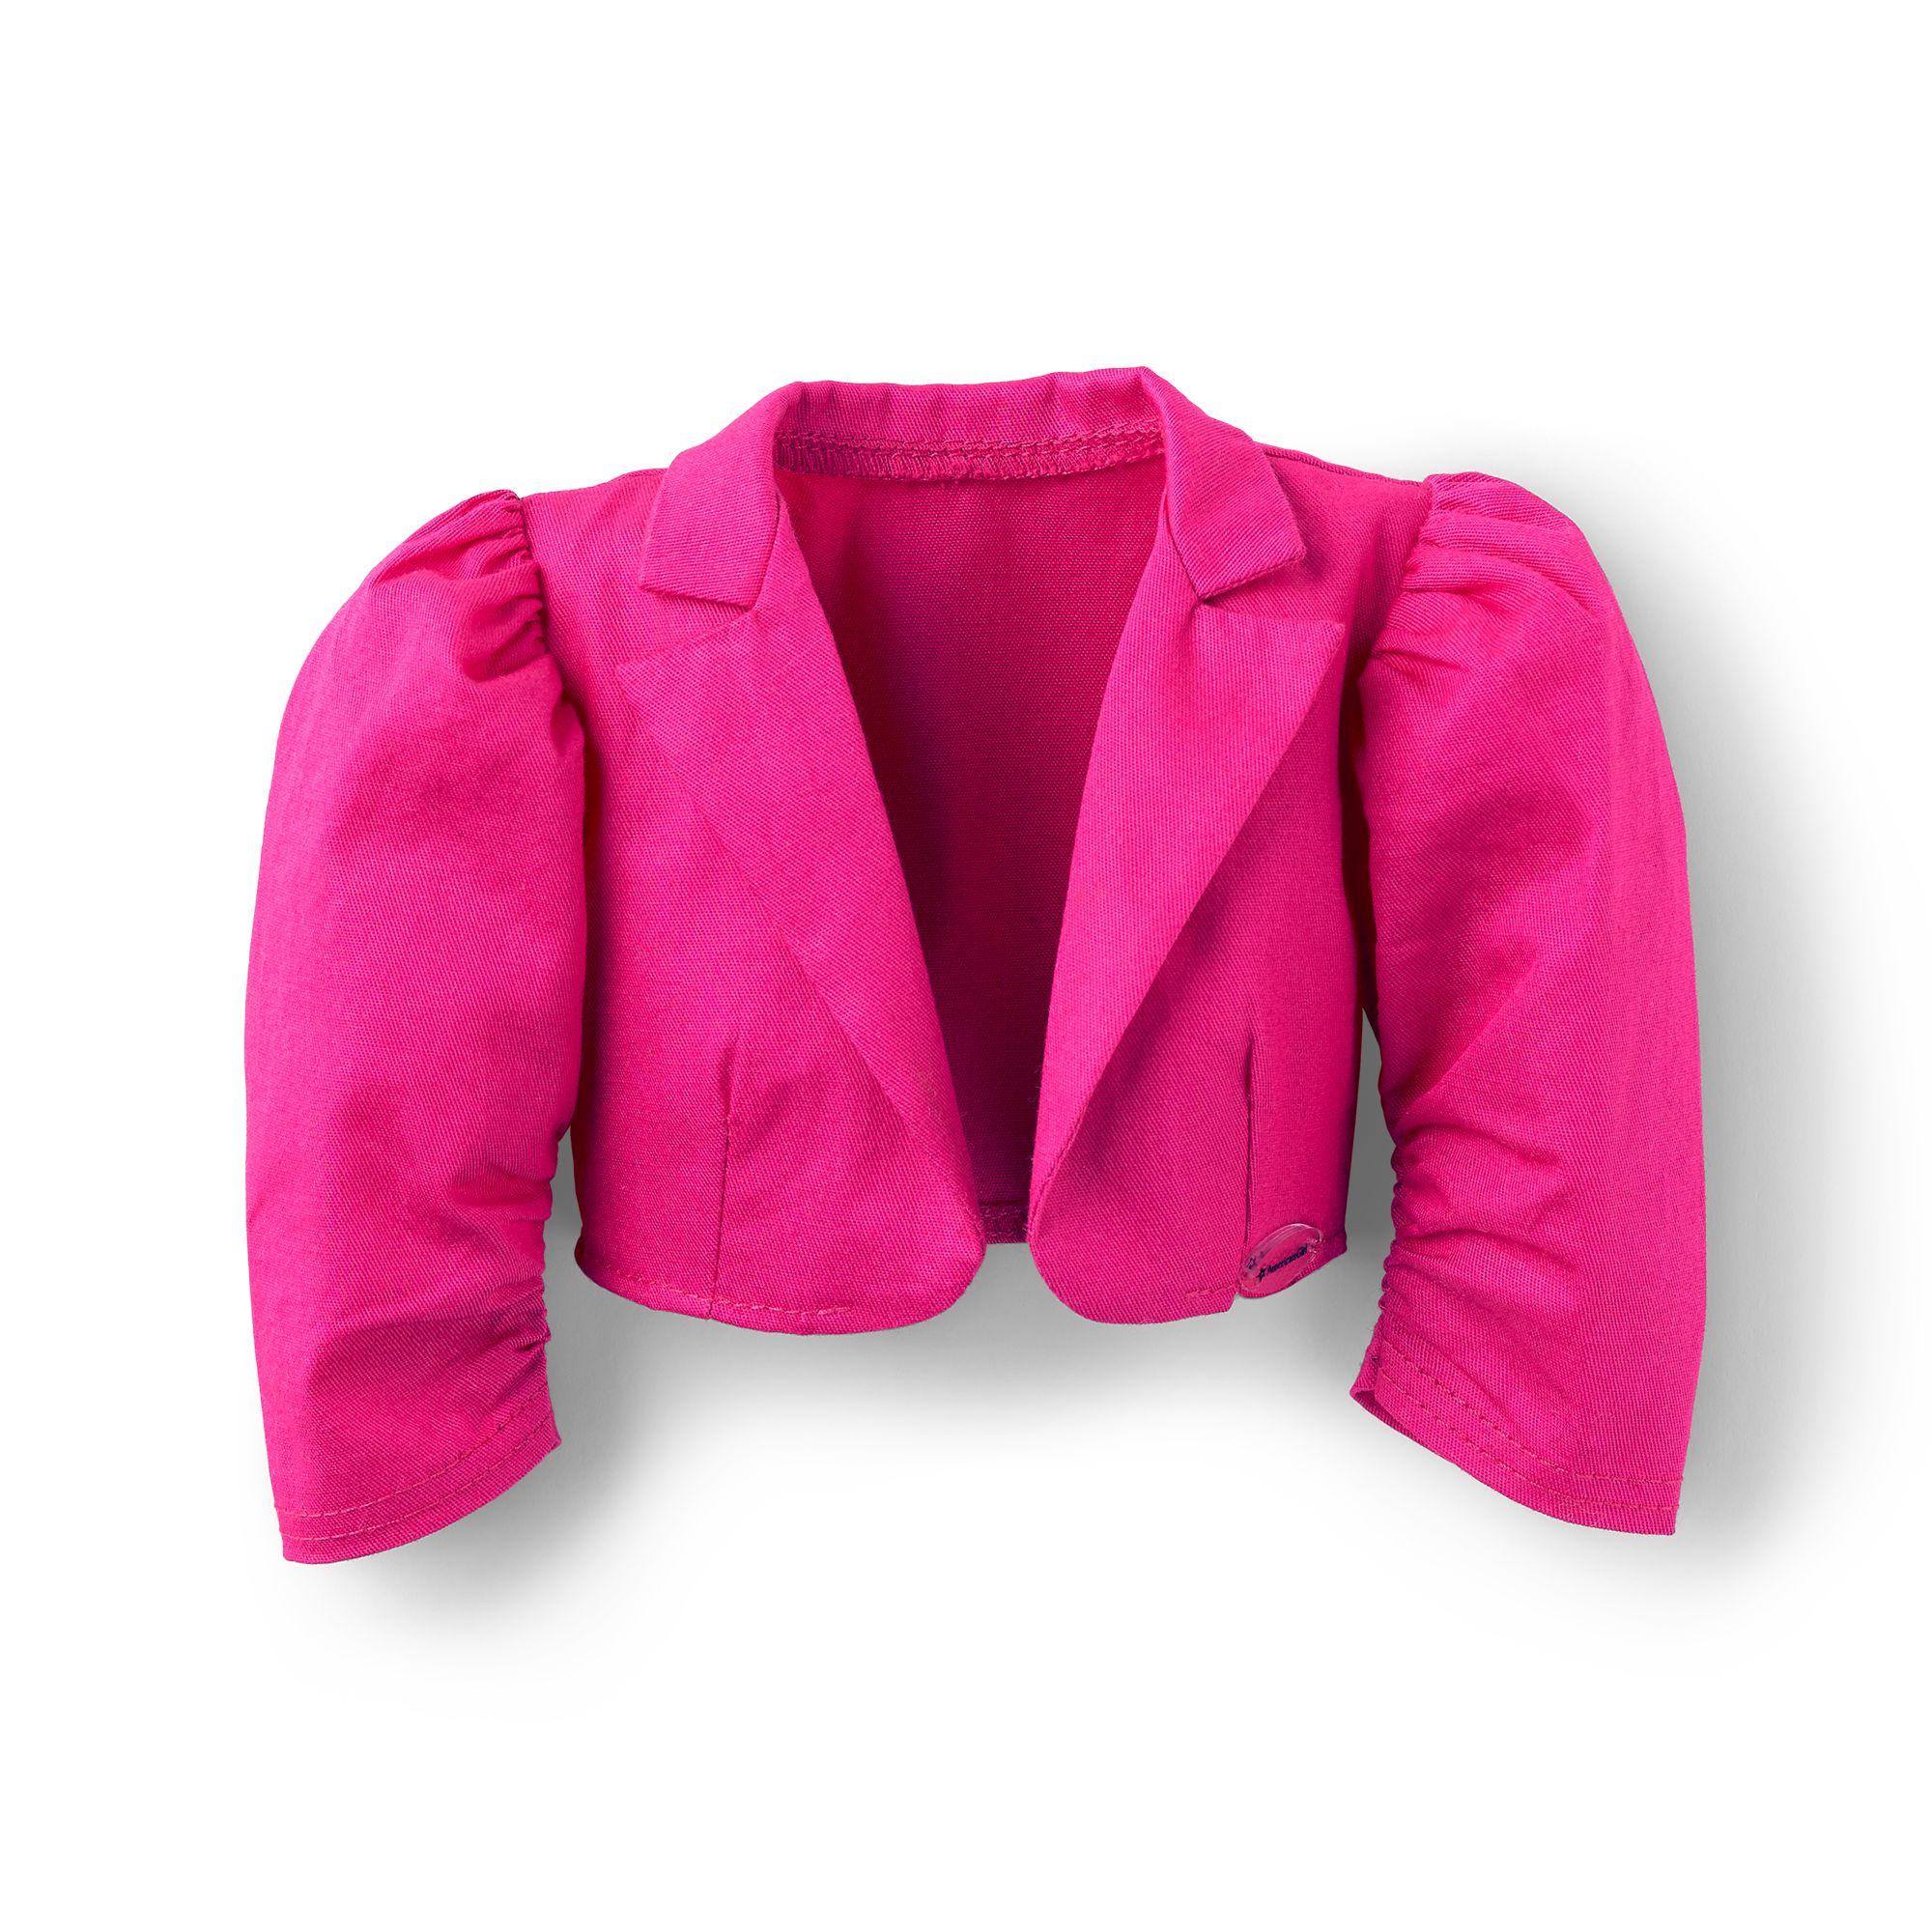 Courtney's Cropped Jacket